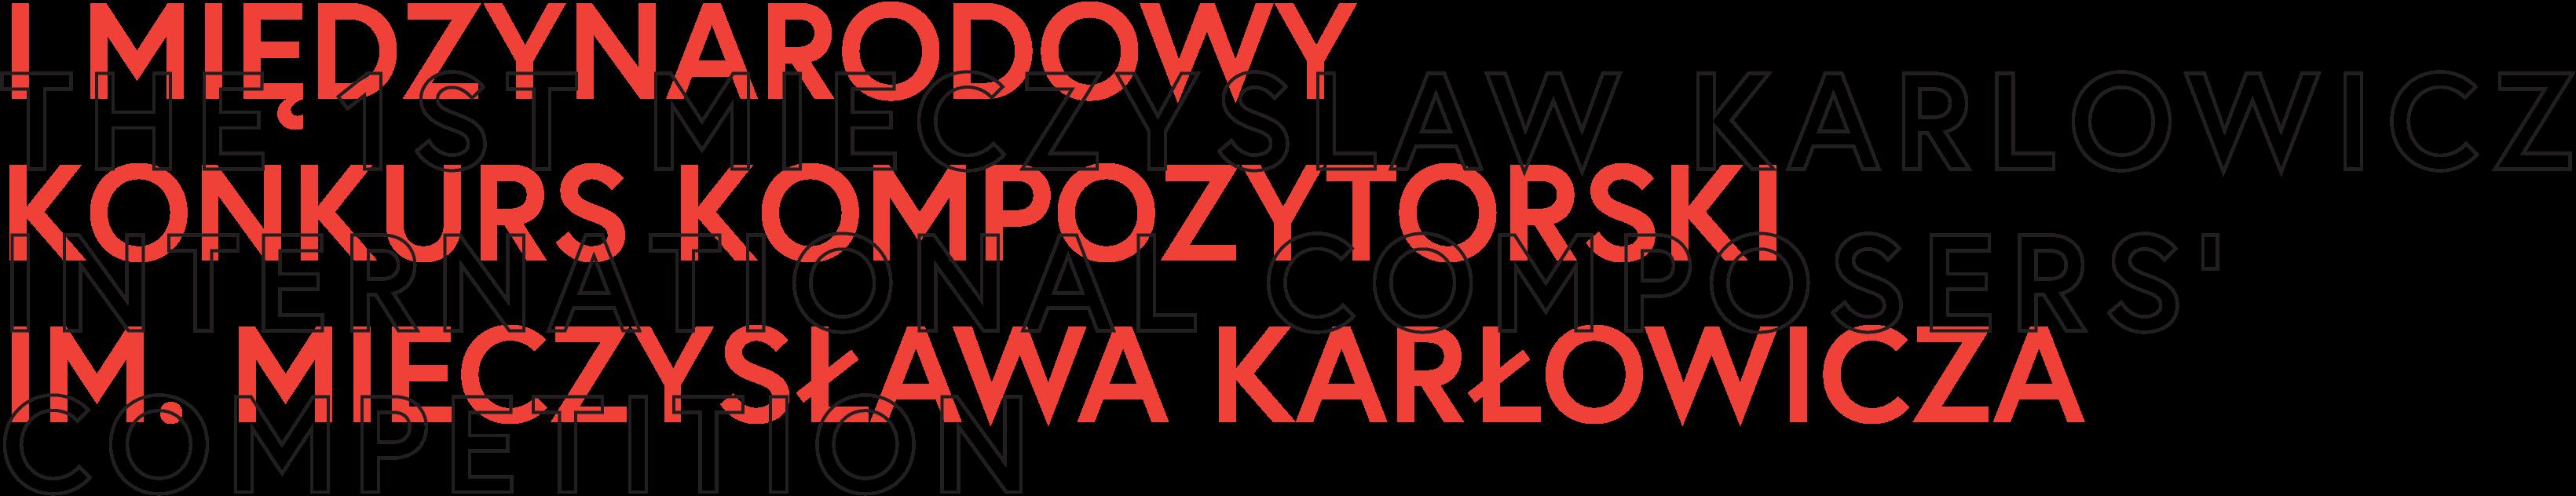 1st Mieczysław Karłowicz International Composers' Competition